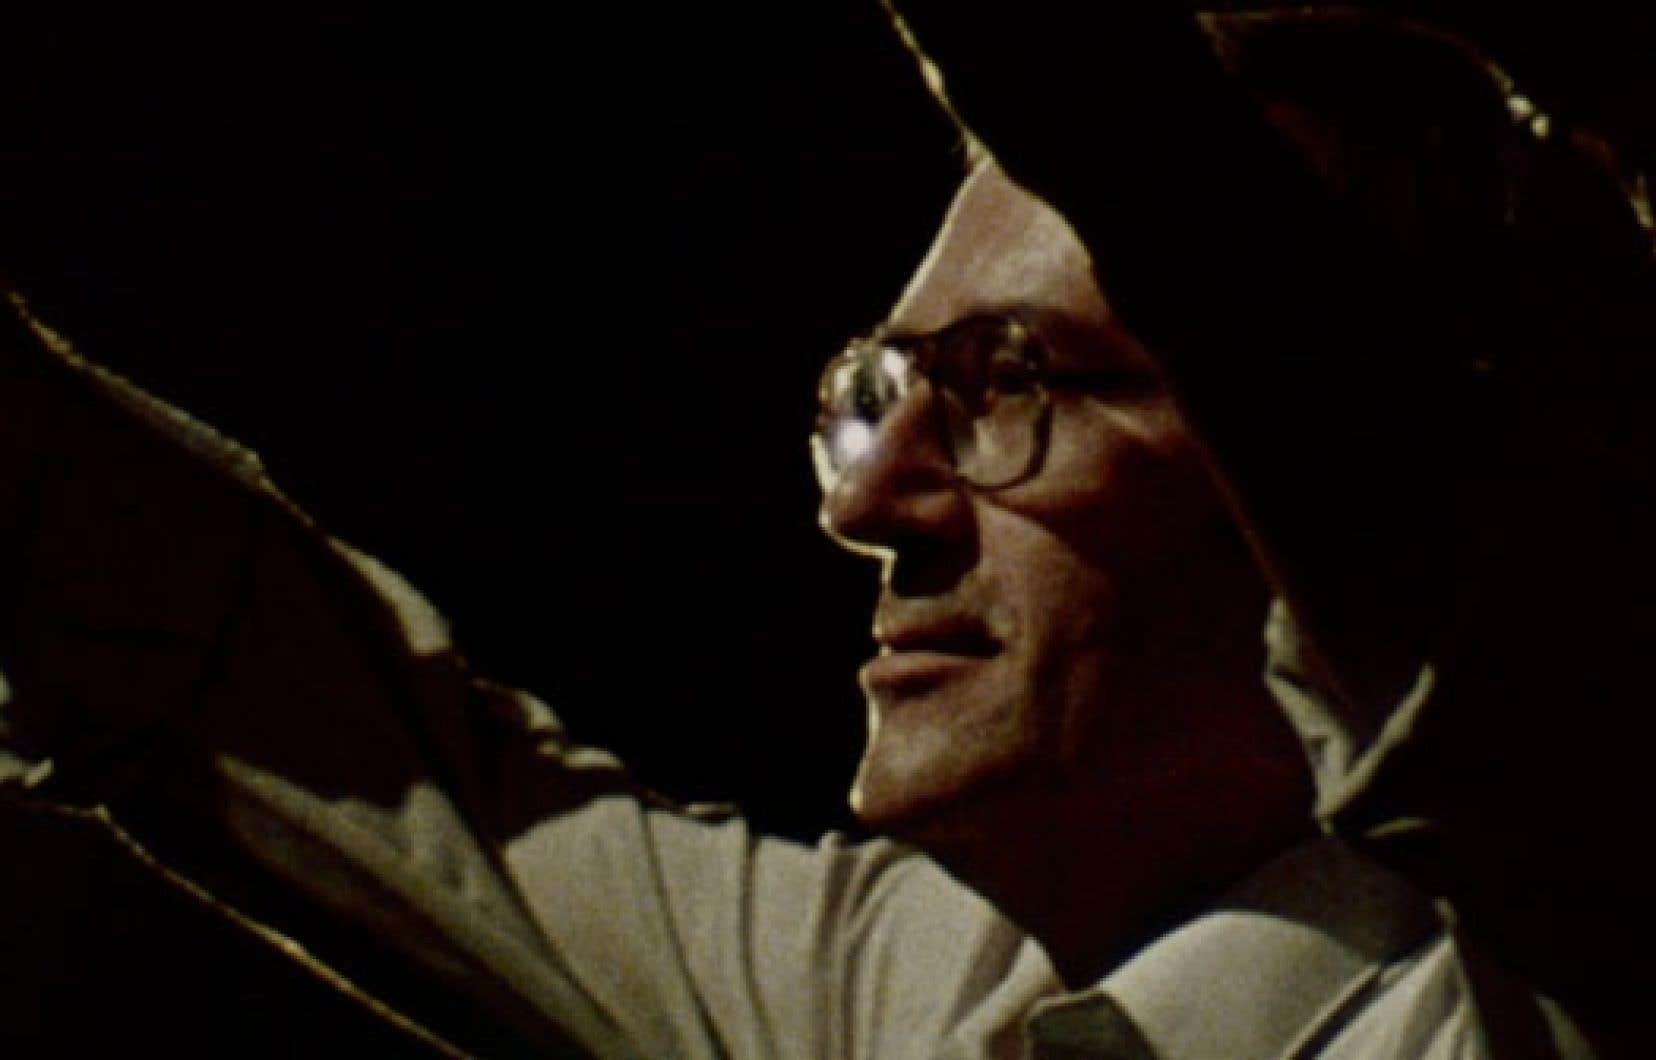 Le film, jeux musicaux compris, n'est constitué que de documents d'archives, certains inédits, de l'Office national du film ou d'ailleurs.